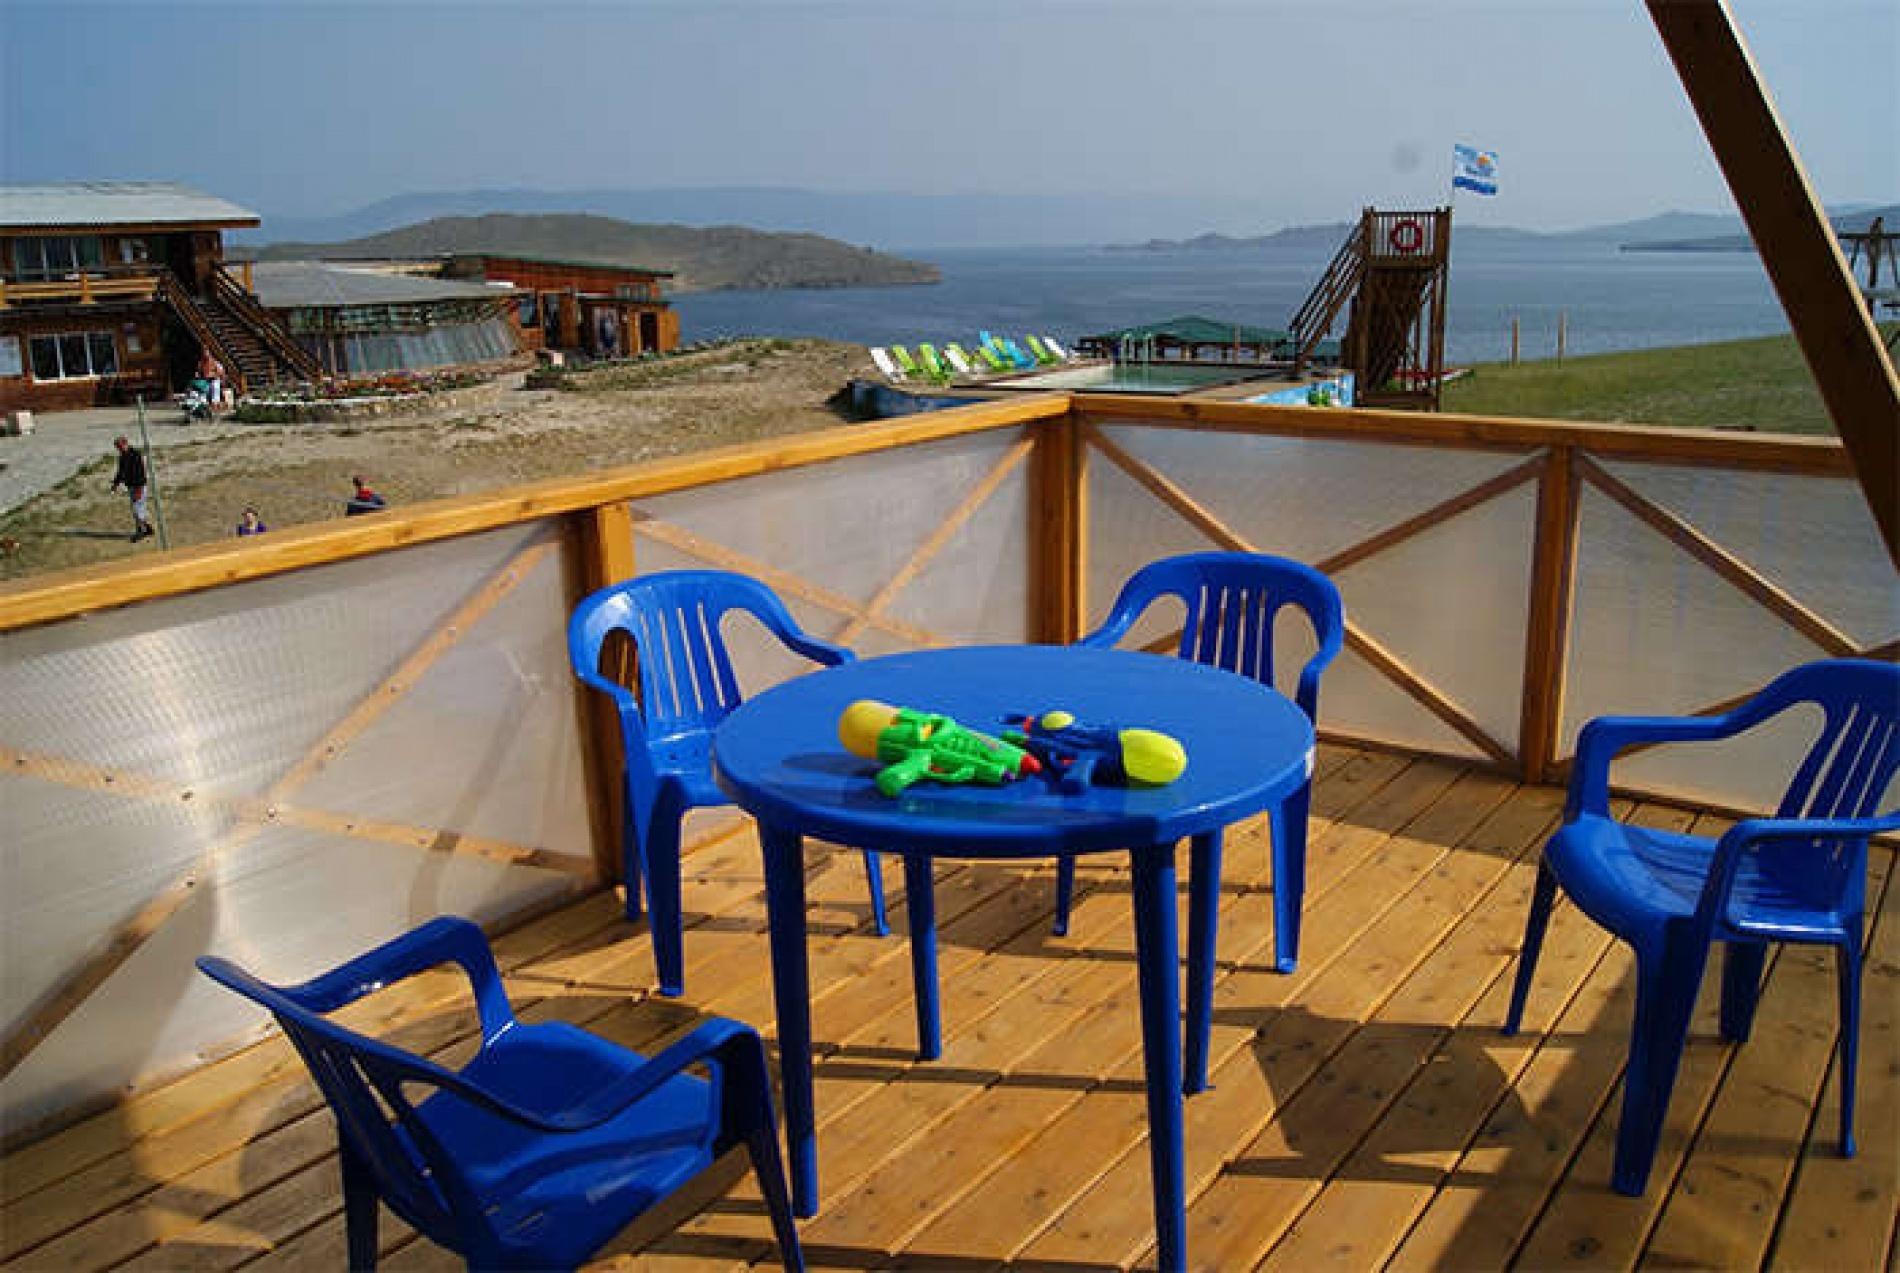 База отдыха «Ветер Странствий» Иркутская область 2-местный летний домик, фото 3